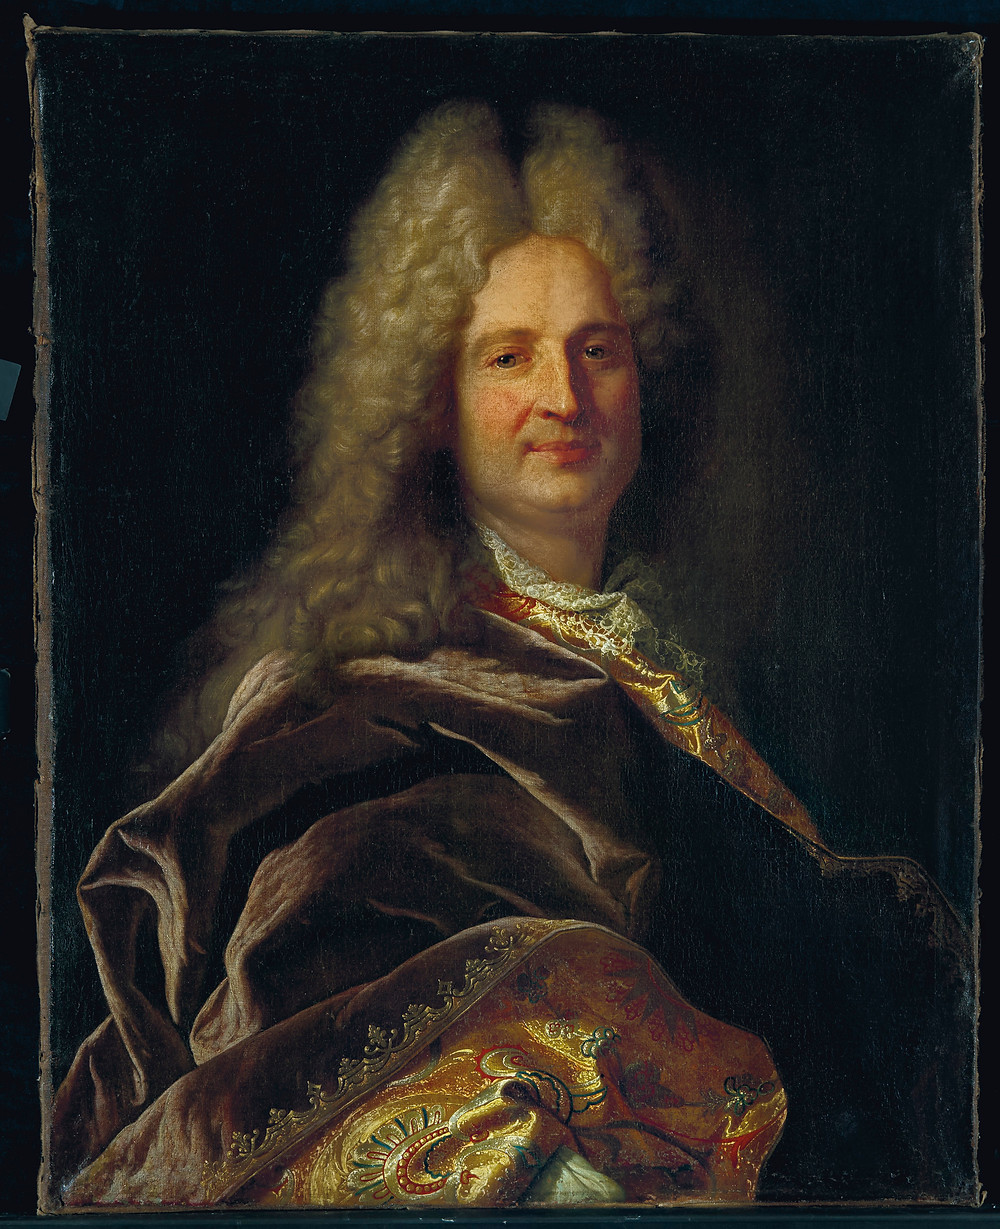 Hyacinthe Rigaud, Portrait d'un homme inconnu, vers 1710-1715, collection particulière